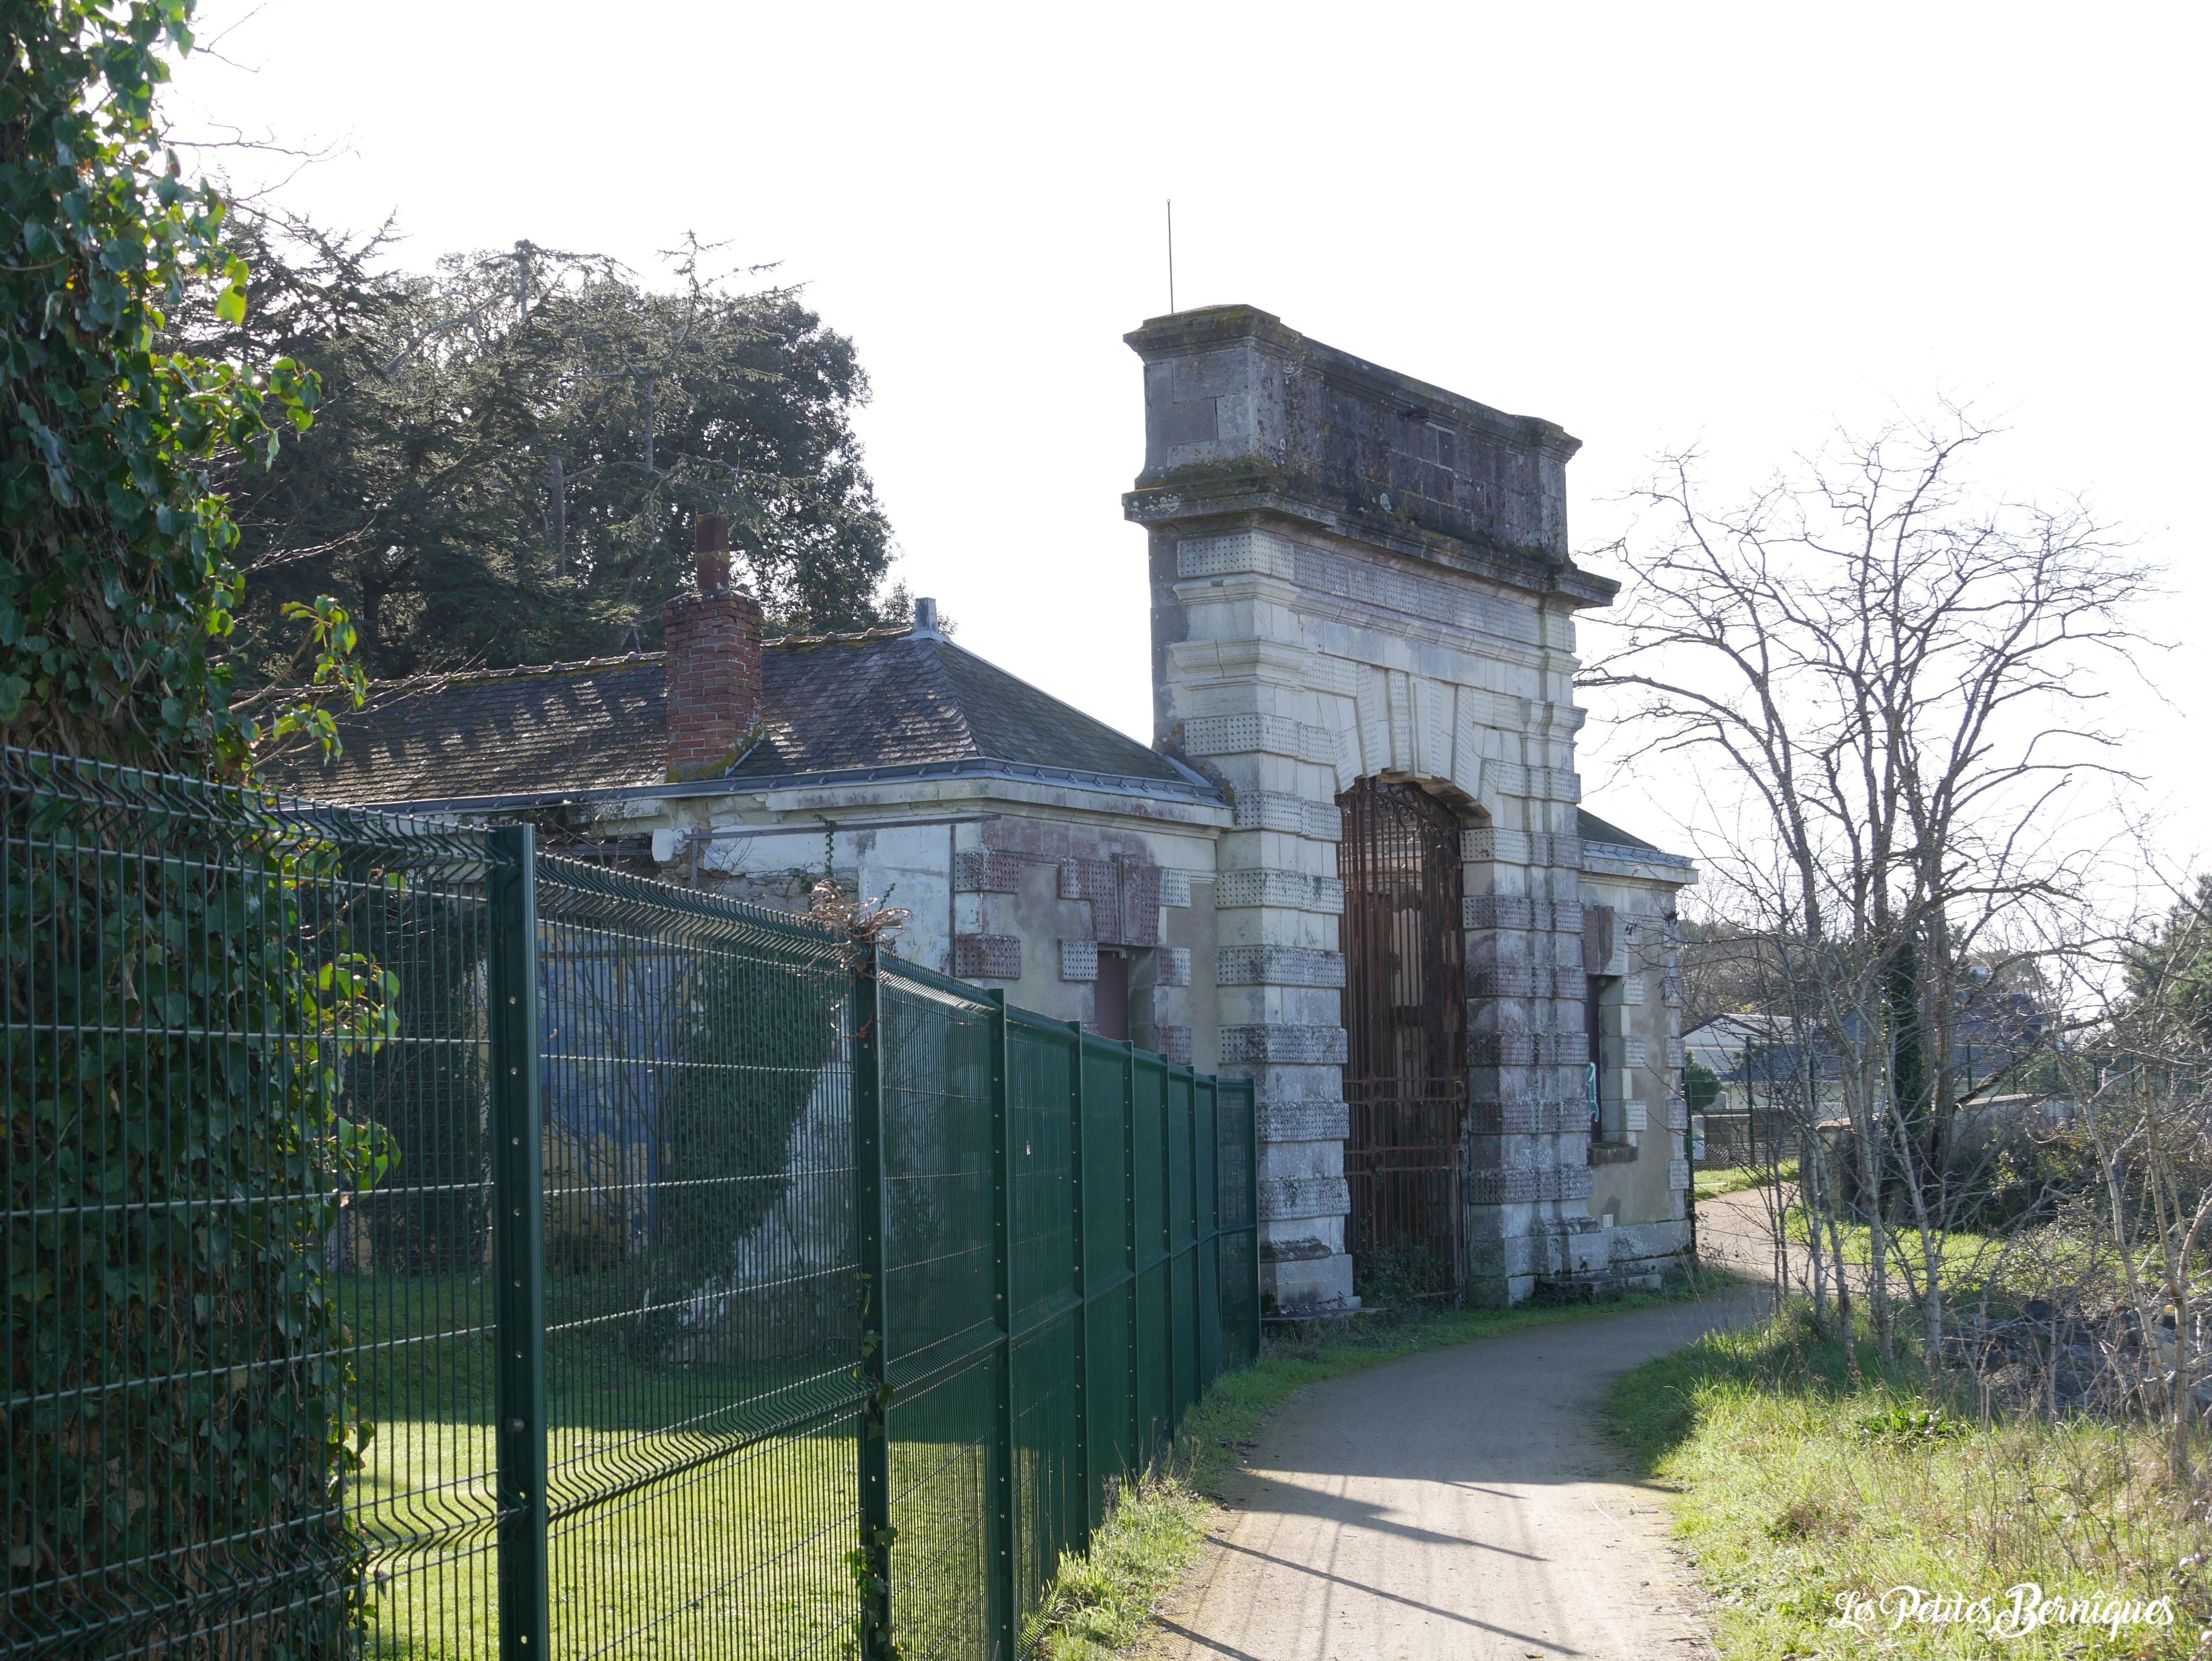 Porte du Lazaret - Saint-Brévin